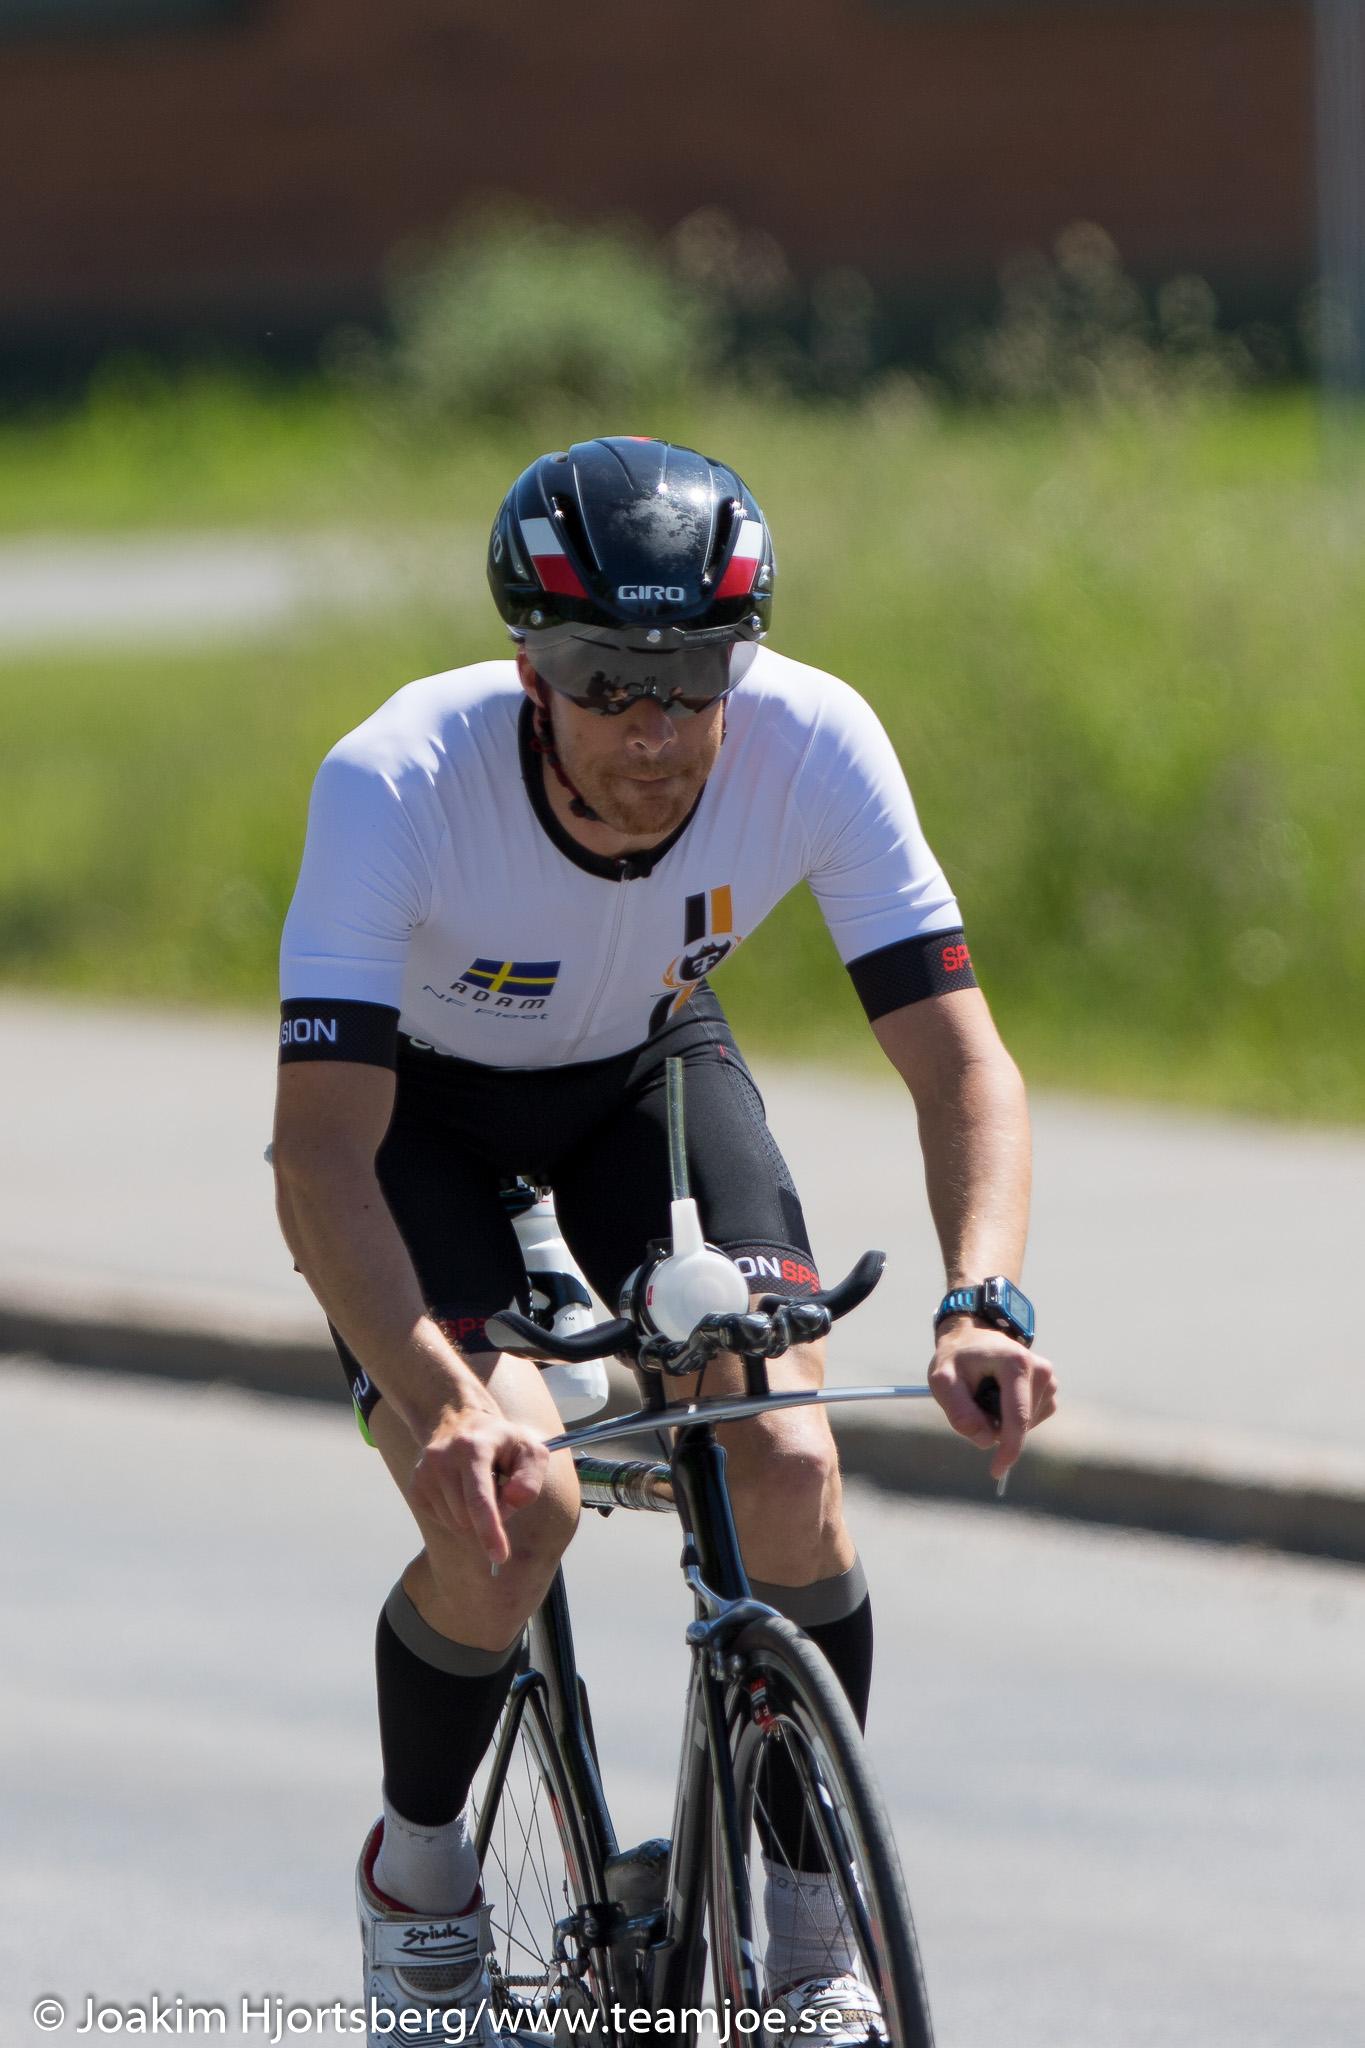 20160606_1251-6 Örebro Triathlon